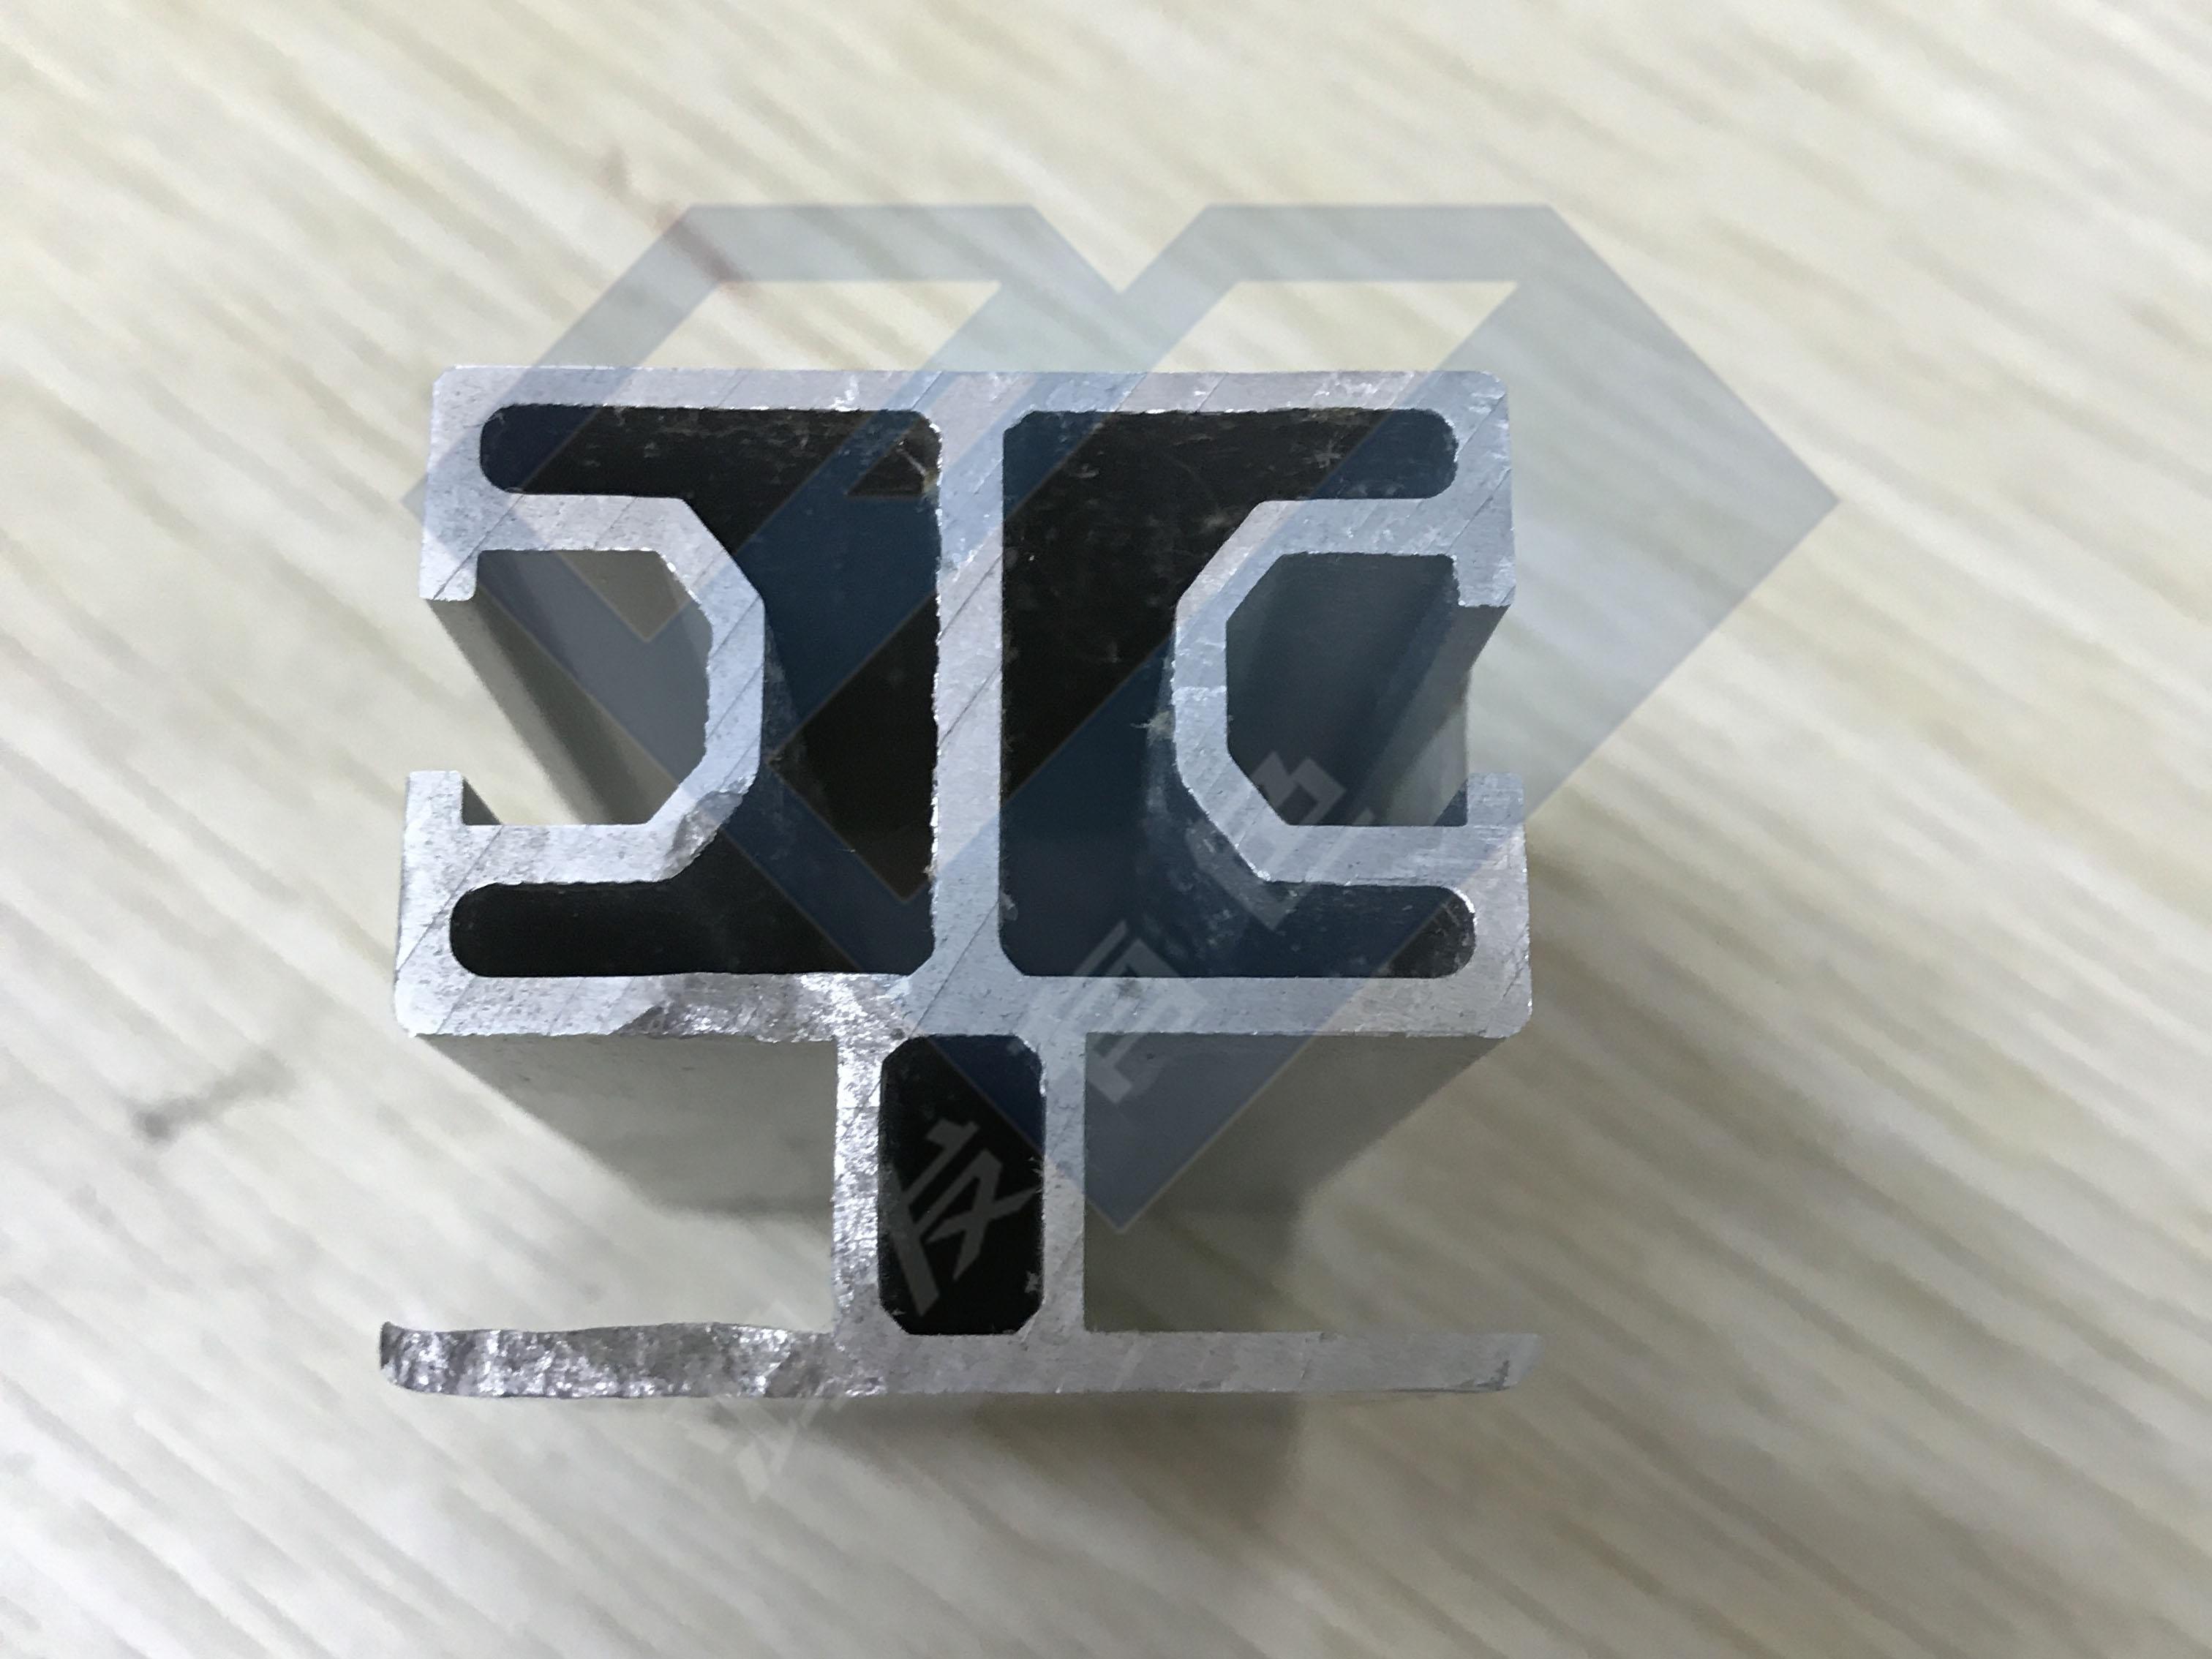 异形铝合金型材开模定制39.4*37mm,30年铝型材挤压厂家生产